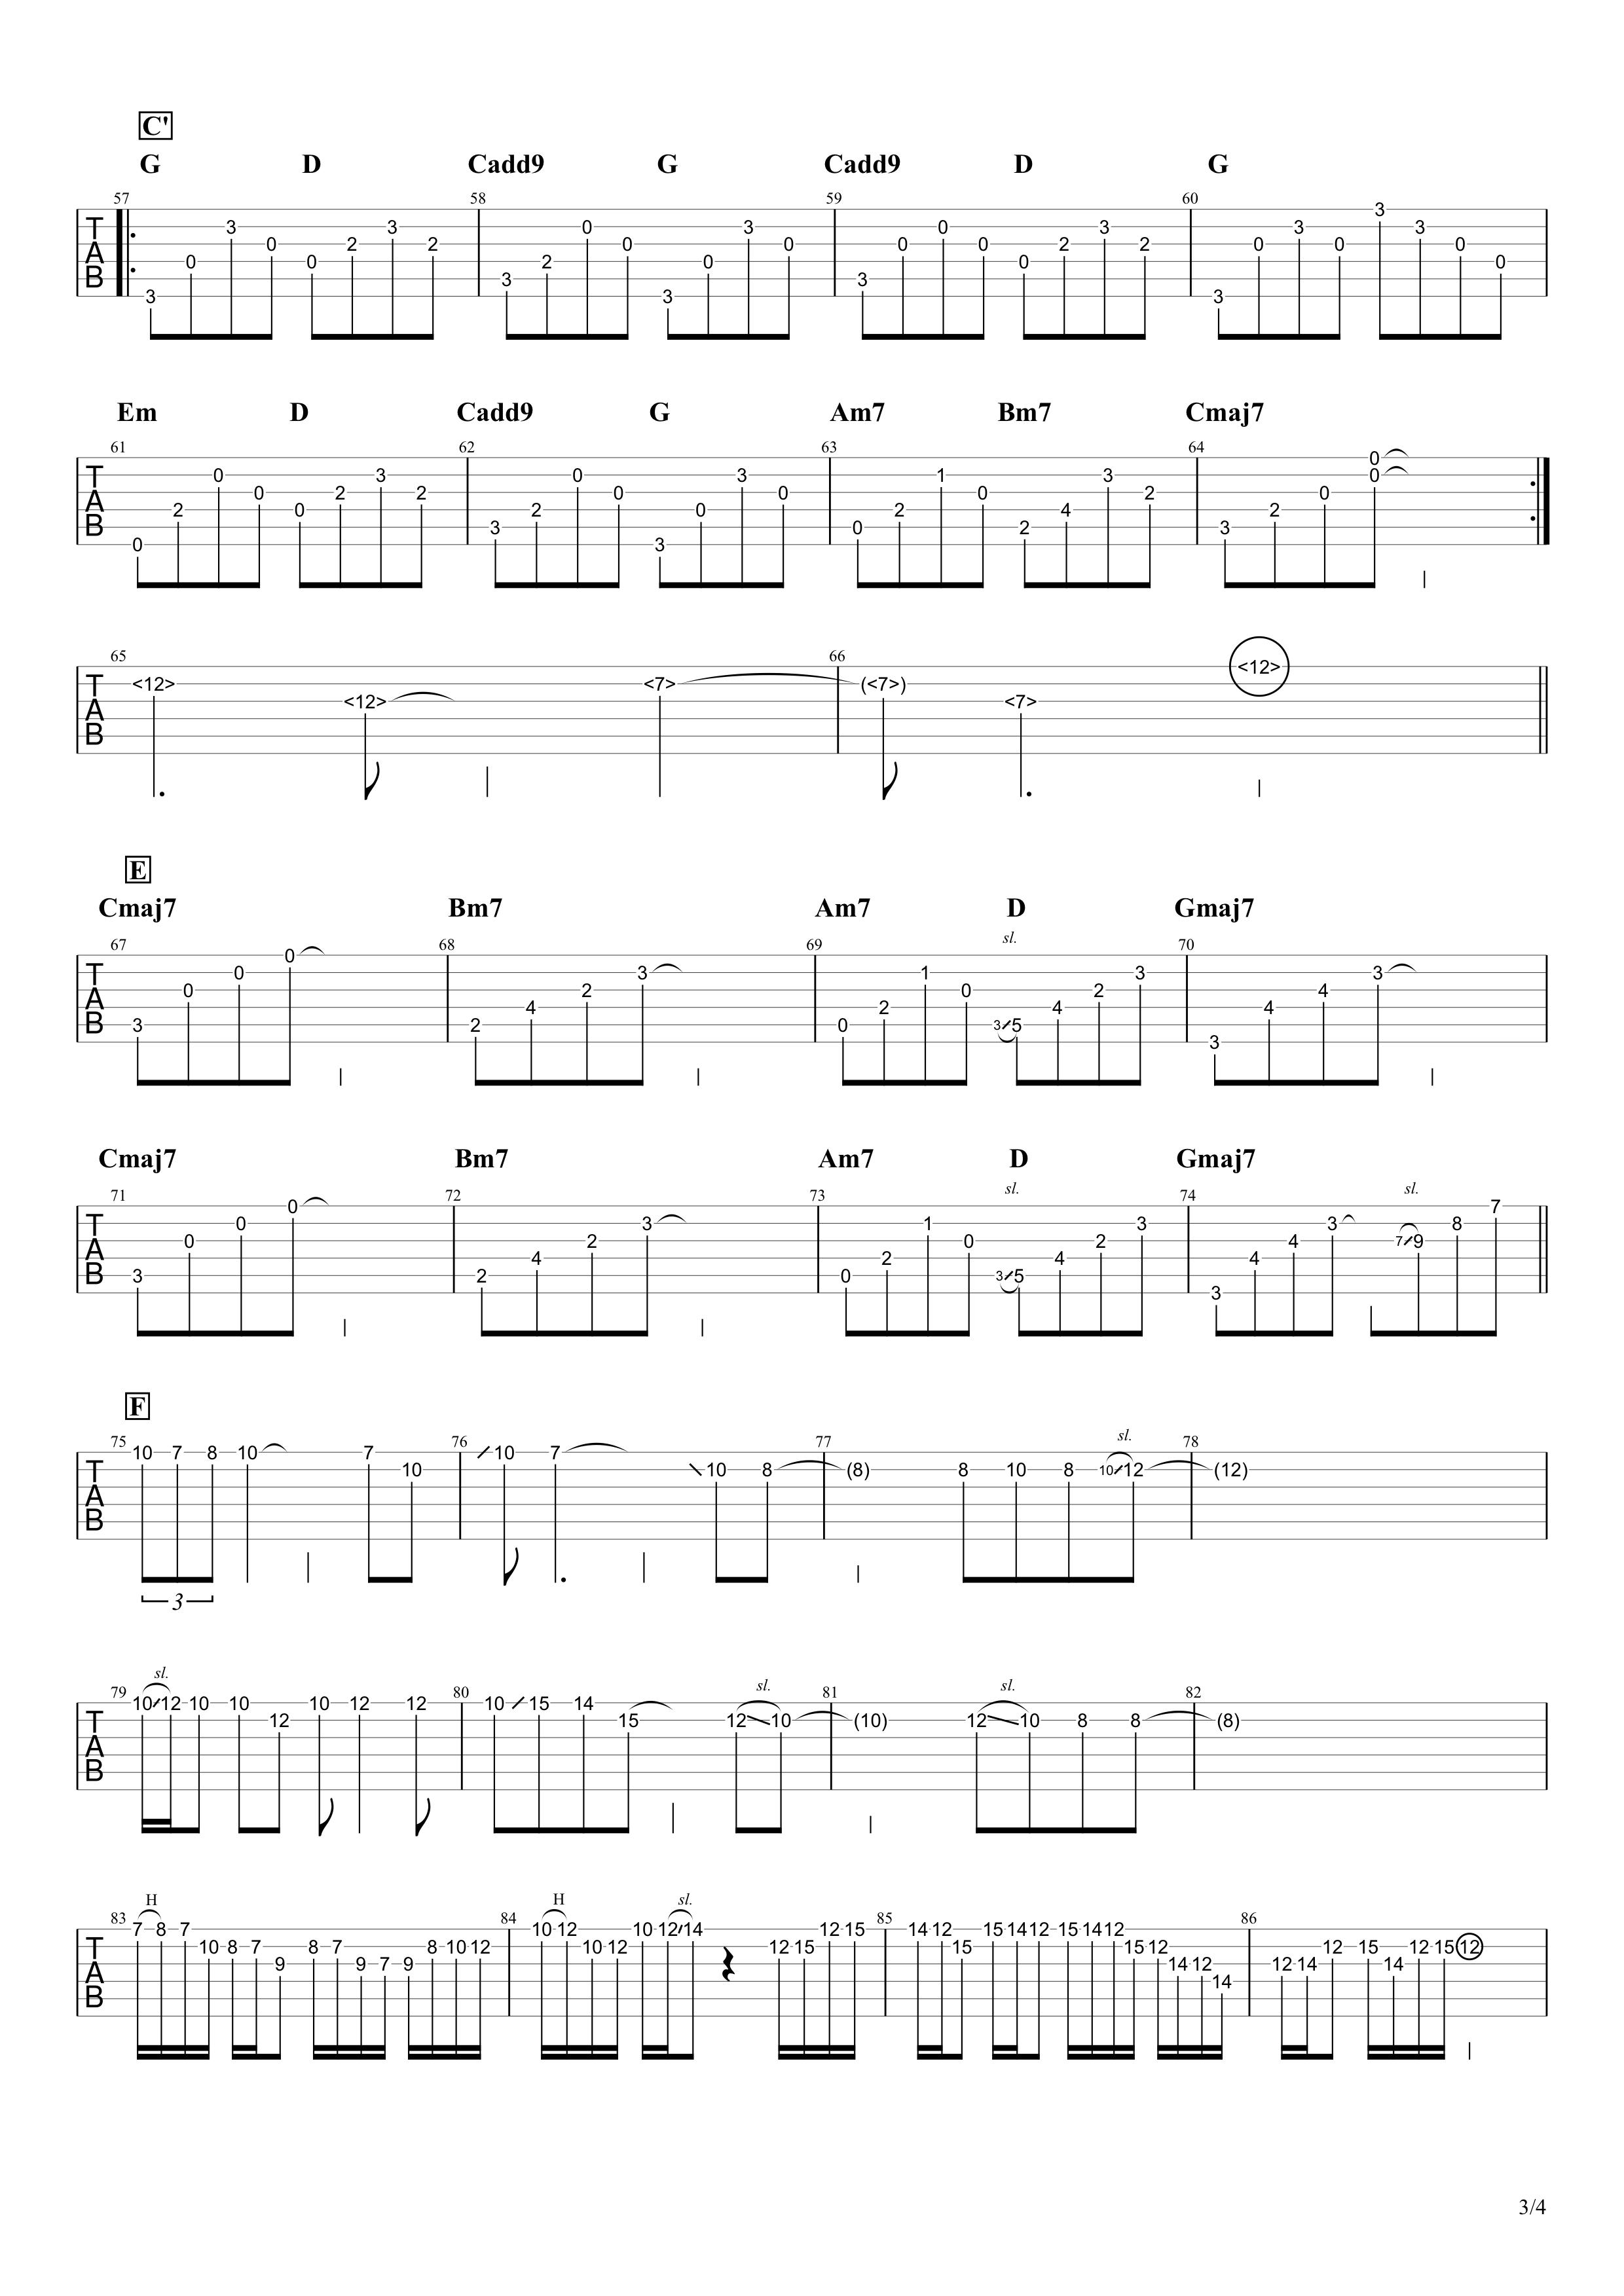 いつかのメリークリスマス/B'z ギタータブ譜 アルペジオ&ギターソロVer.03